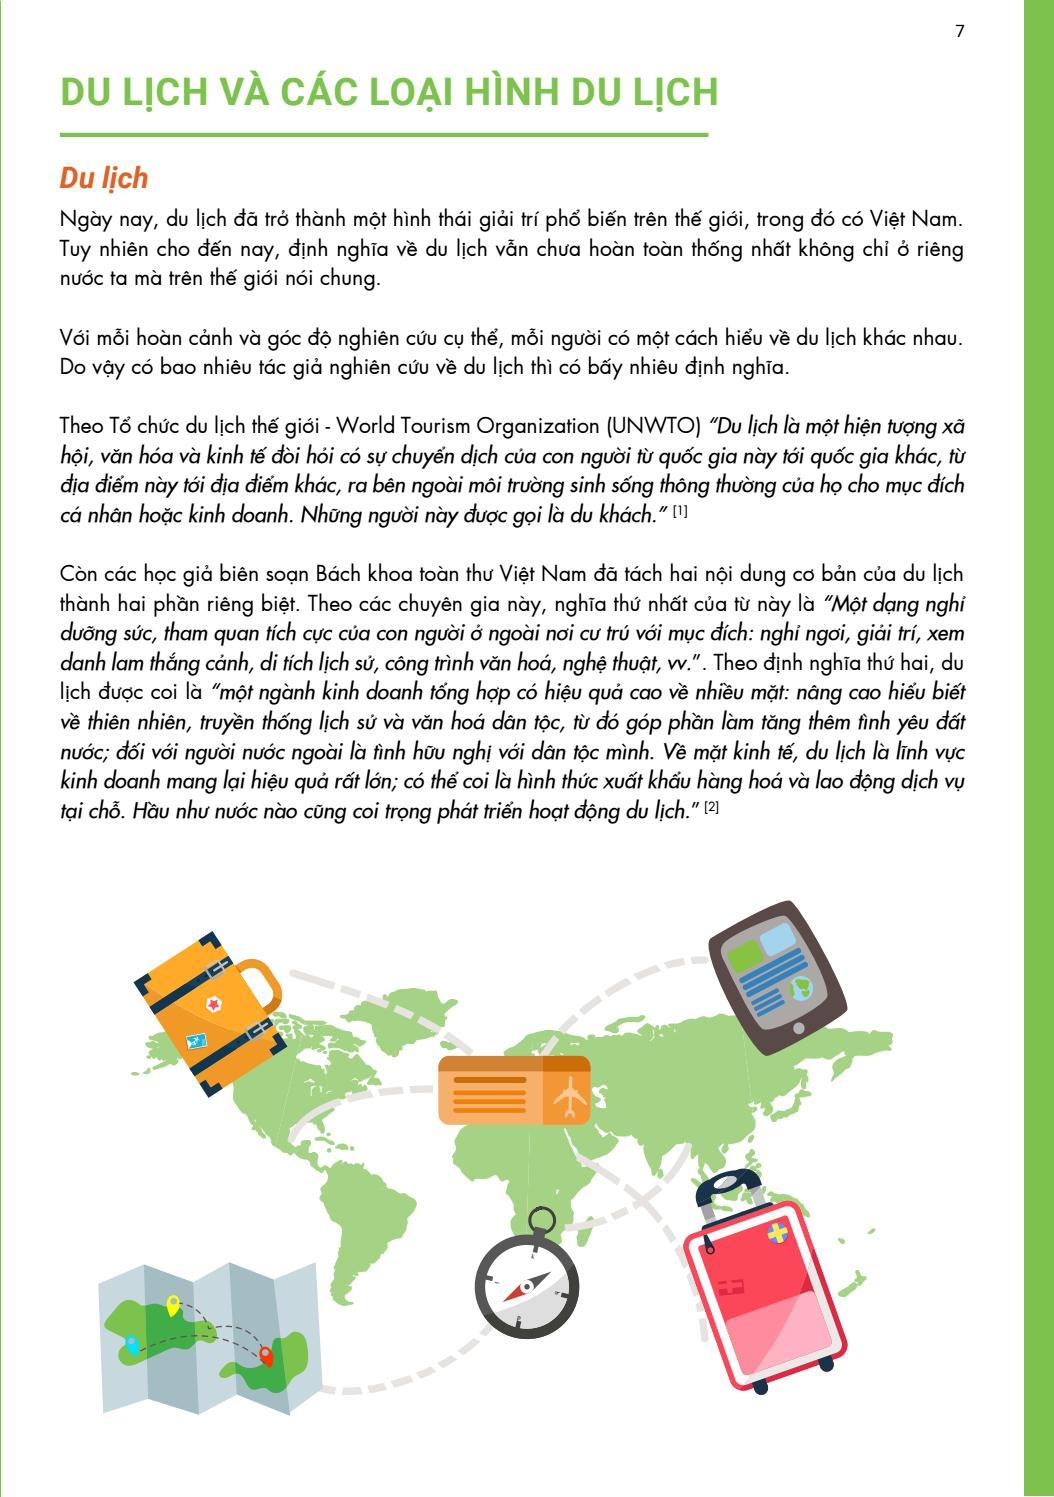 [Tài liệu LSST] Du lịch có trách nhiệm page 7